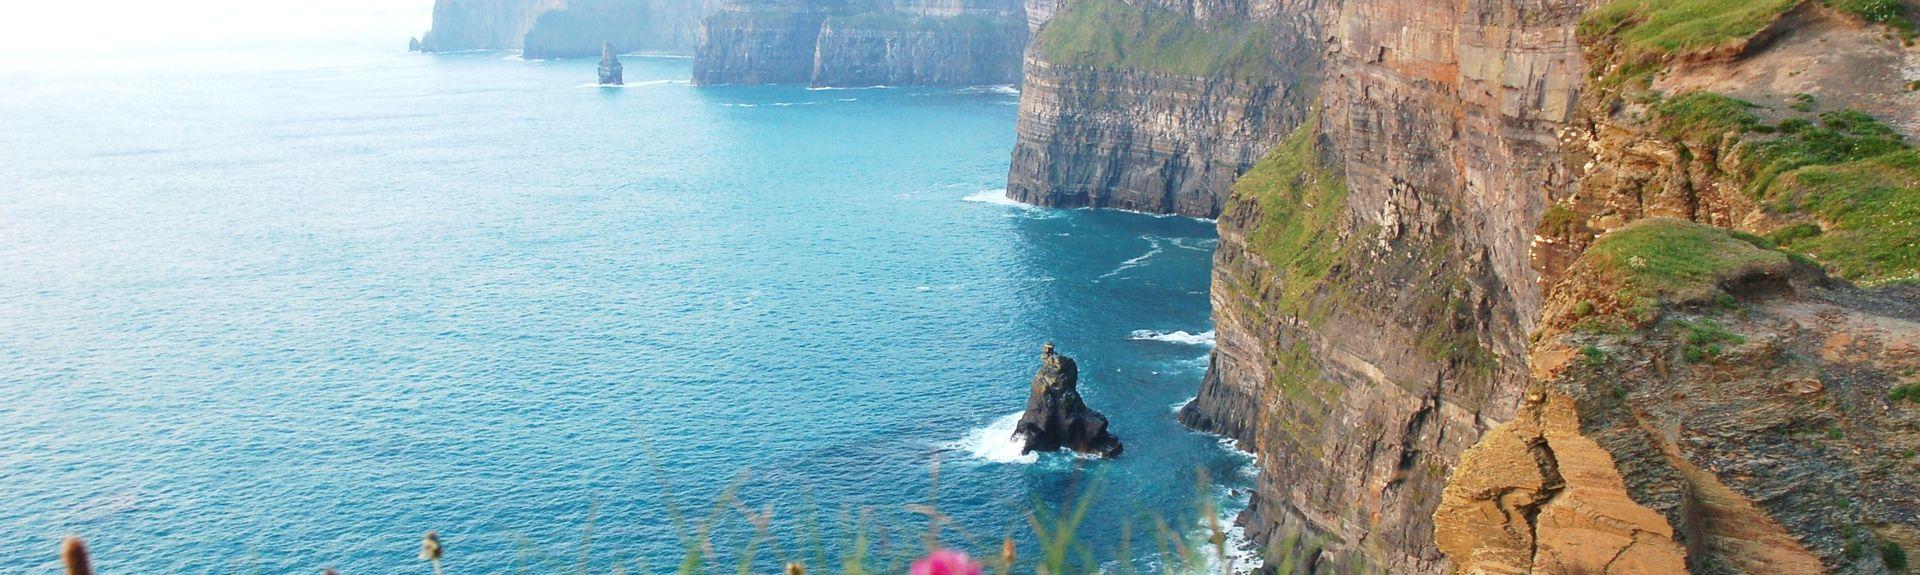 Fanore, County Clare, Ireland